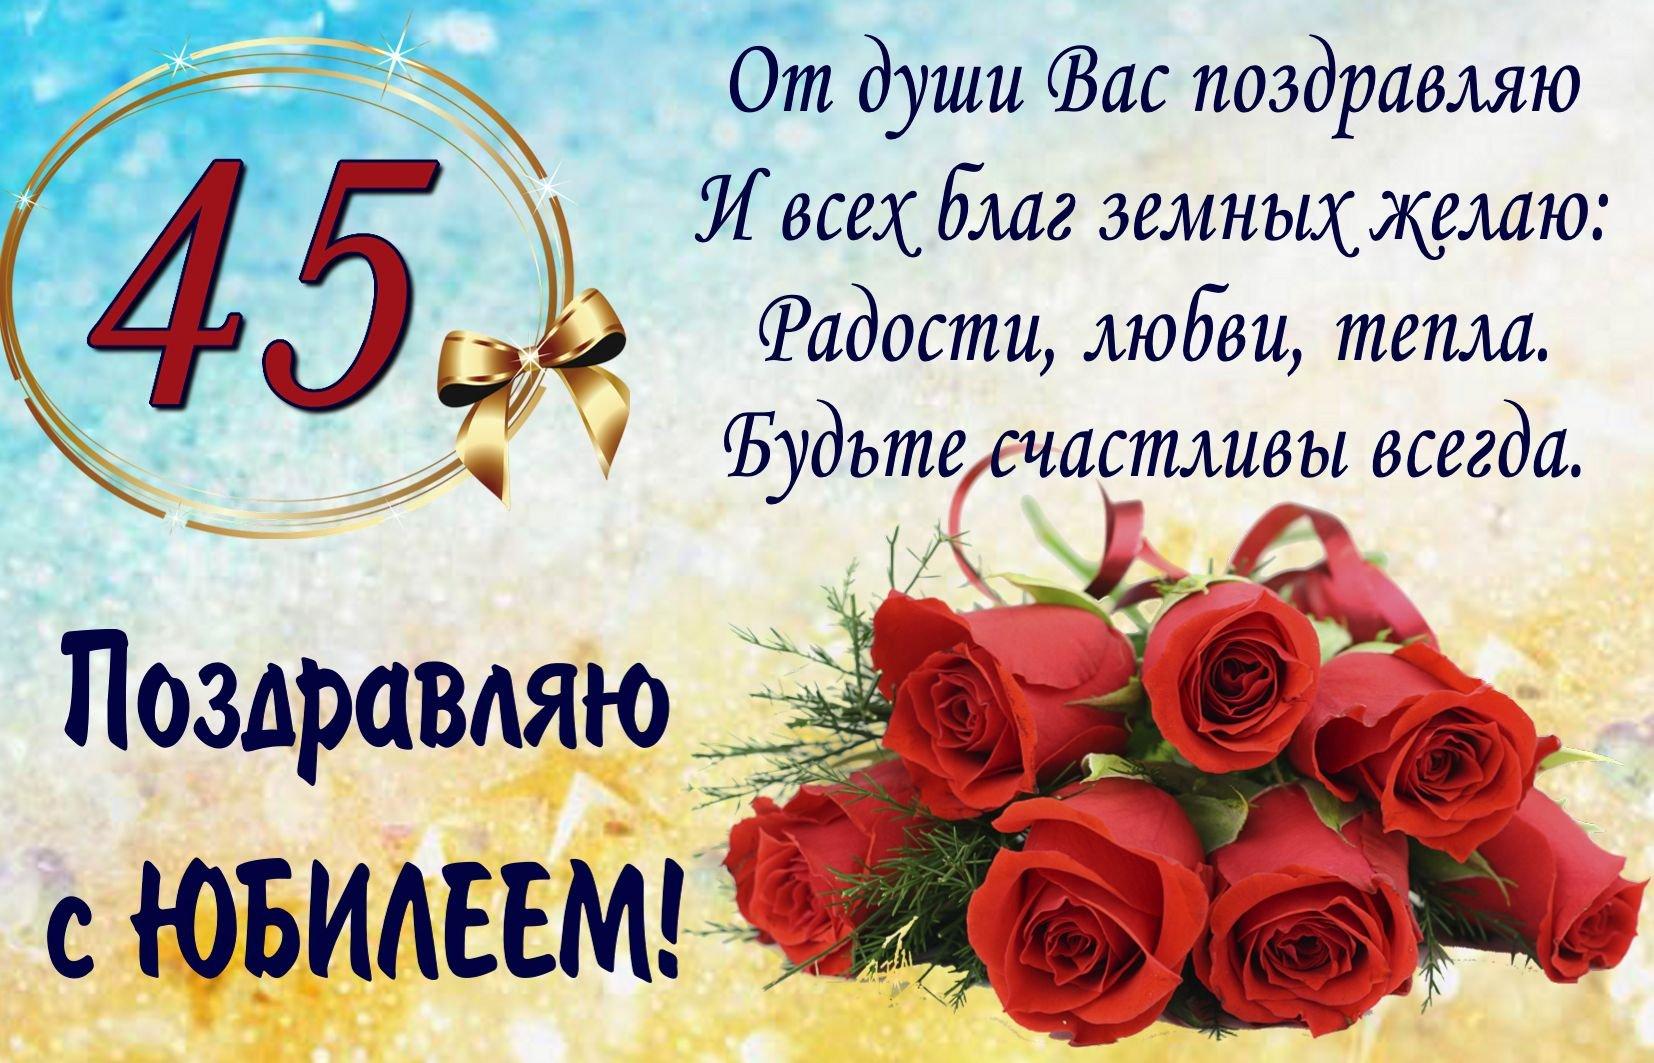 Поздравления людмиле с 60 летием в стихах красивые